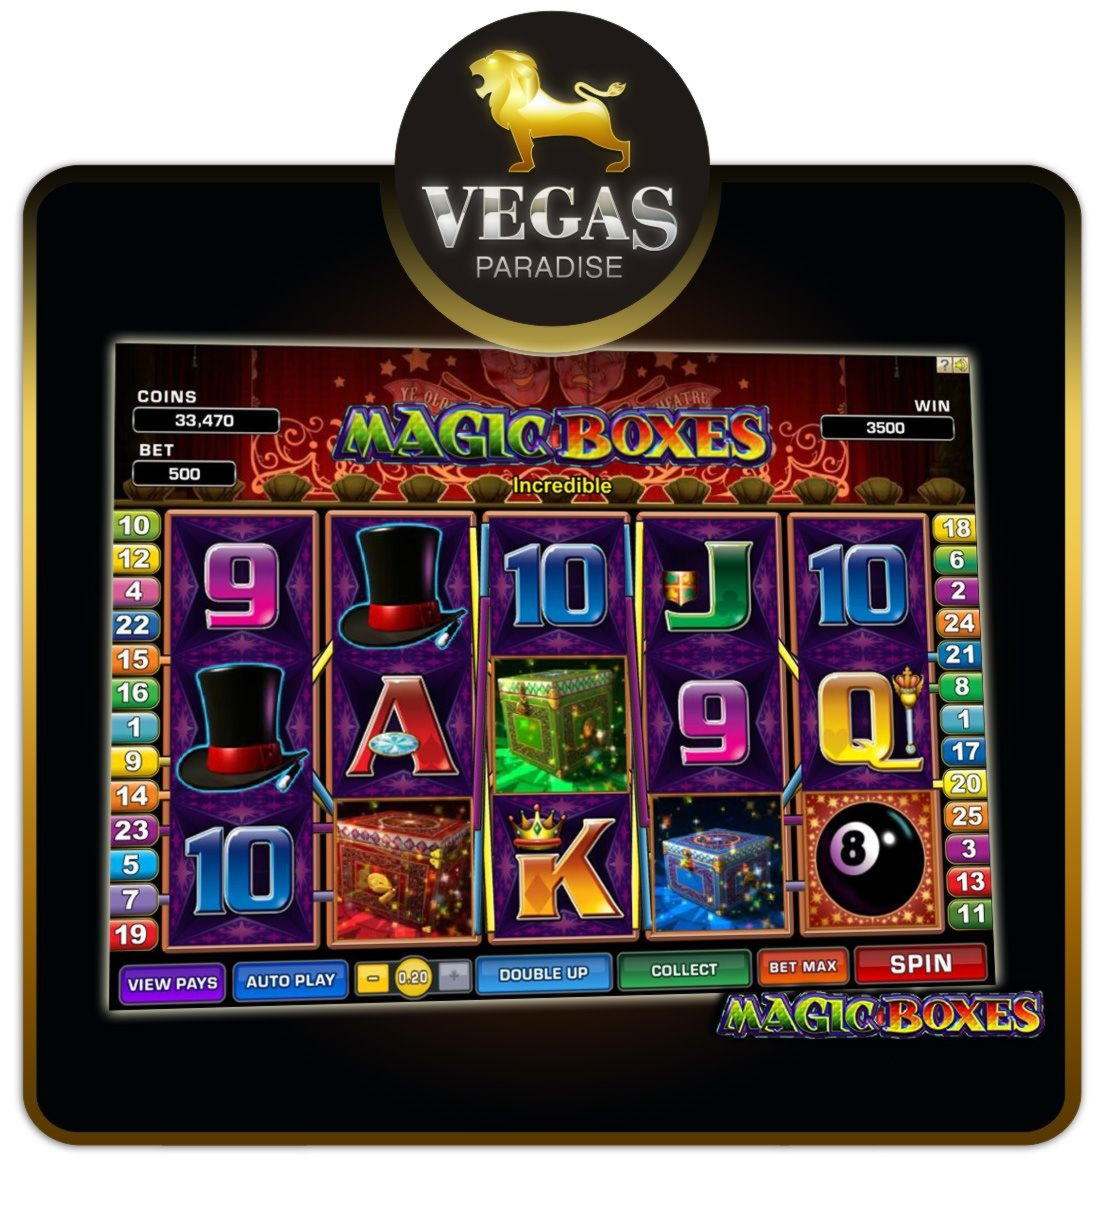 22 free casino spins at Spin Princess